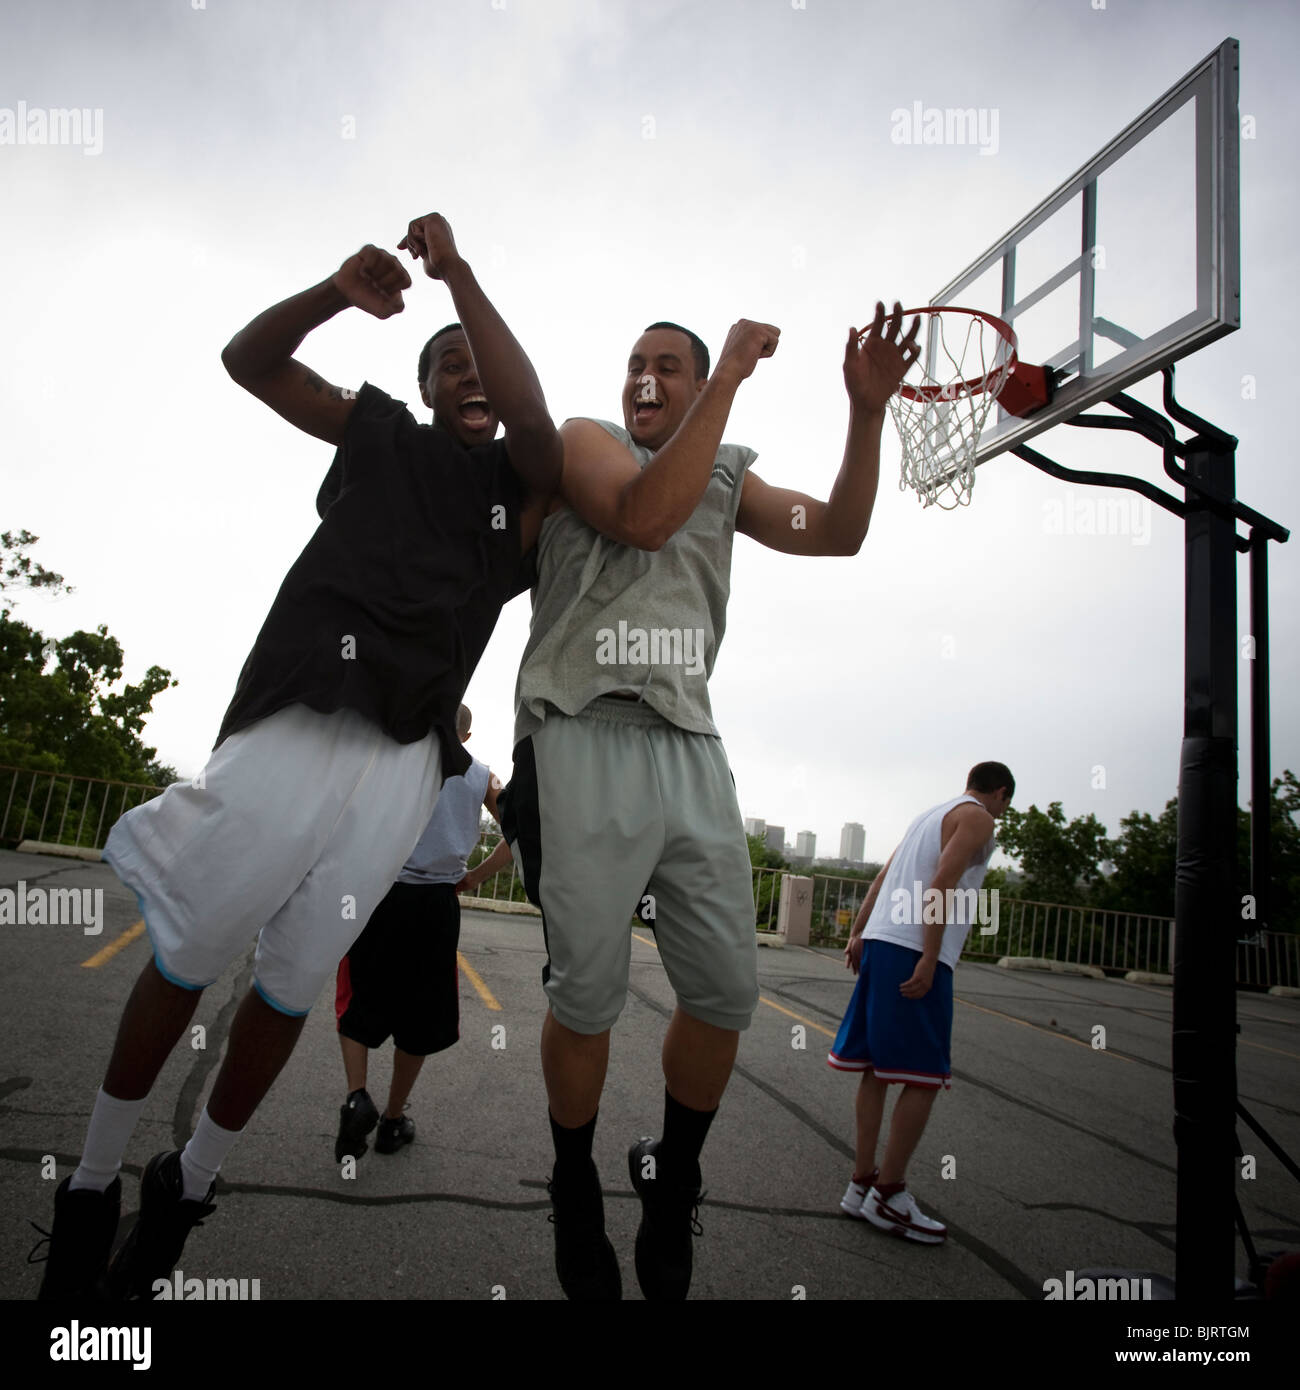 USA, Utah, Salt Lake City, vier junge Männer spielen street-basketball Stockbild